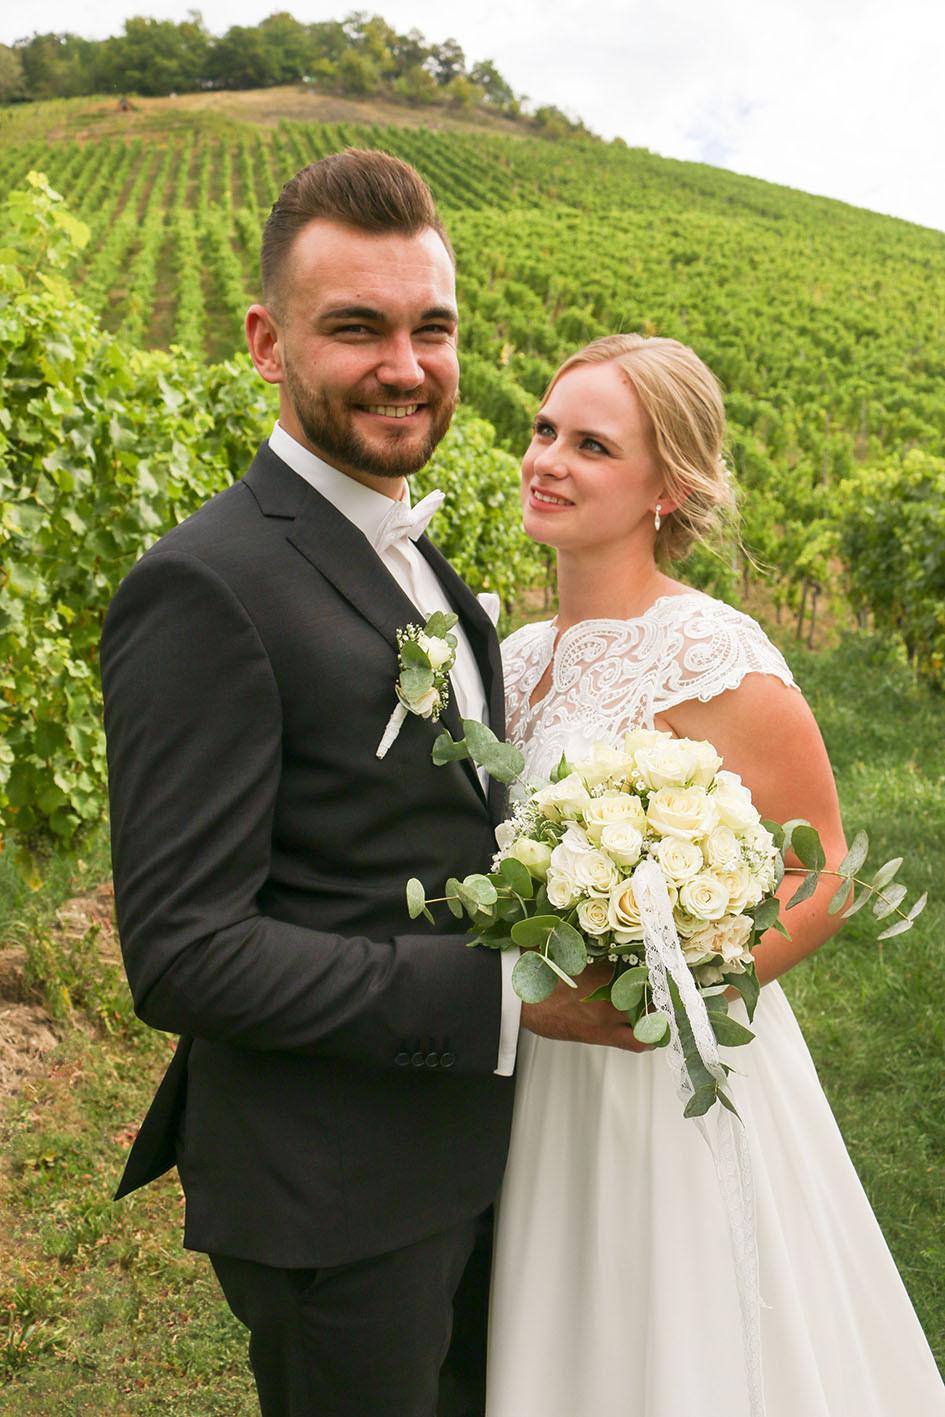 Braut Yvonne lächelt ihren Dennis an. Im Hintergrund sind die Weinberge von Korb zu sehen.